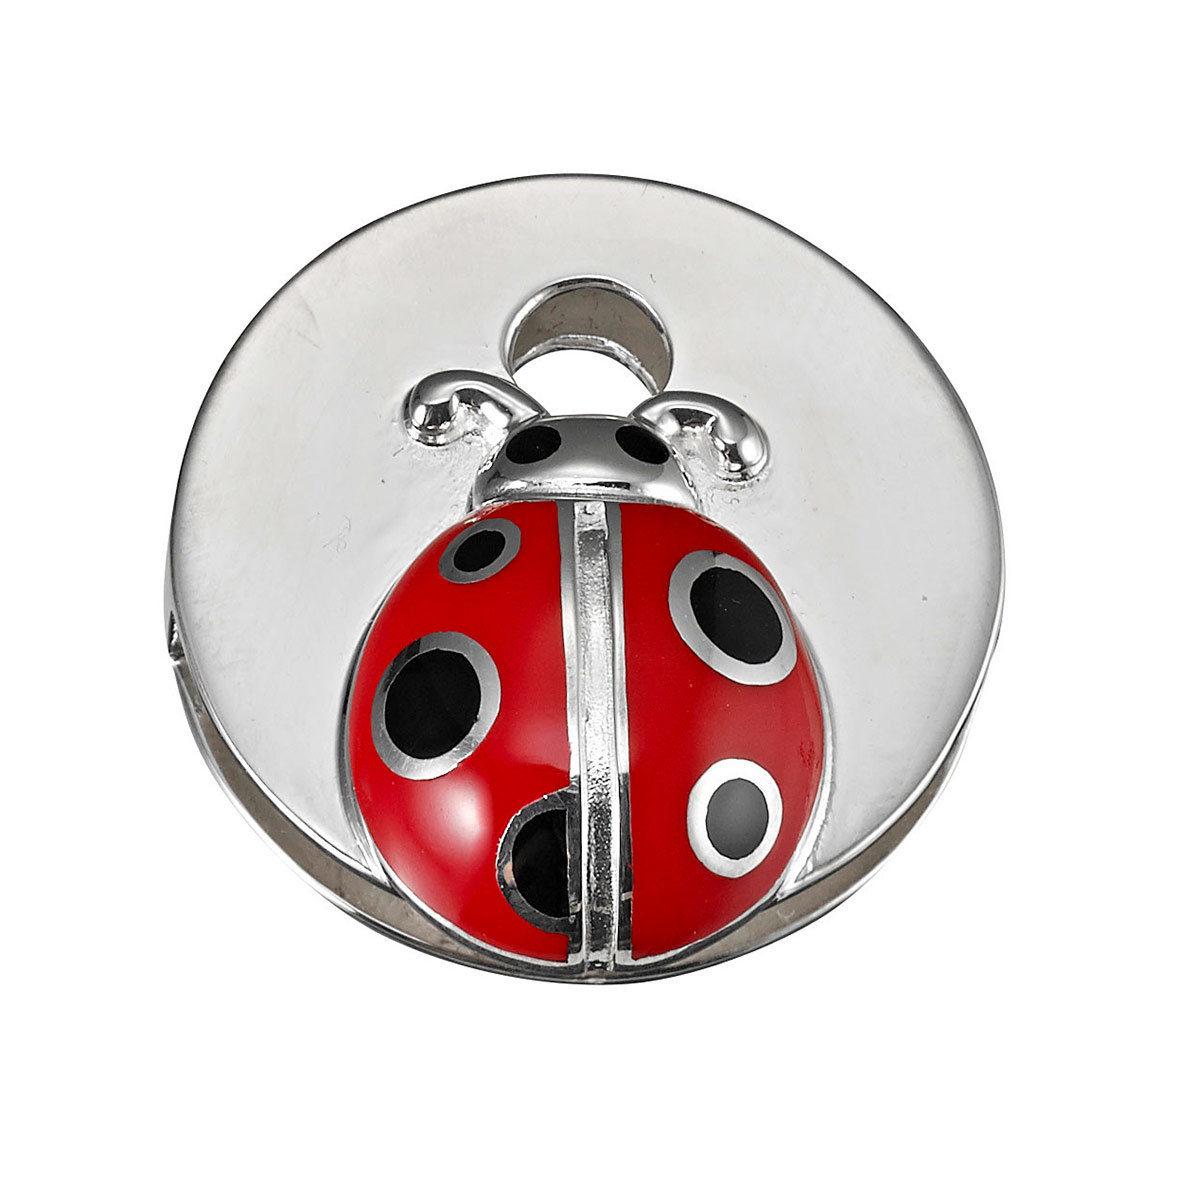 Schlüsselkappe Ladybug von Keeeart